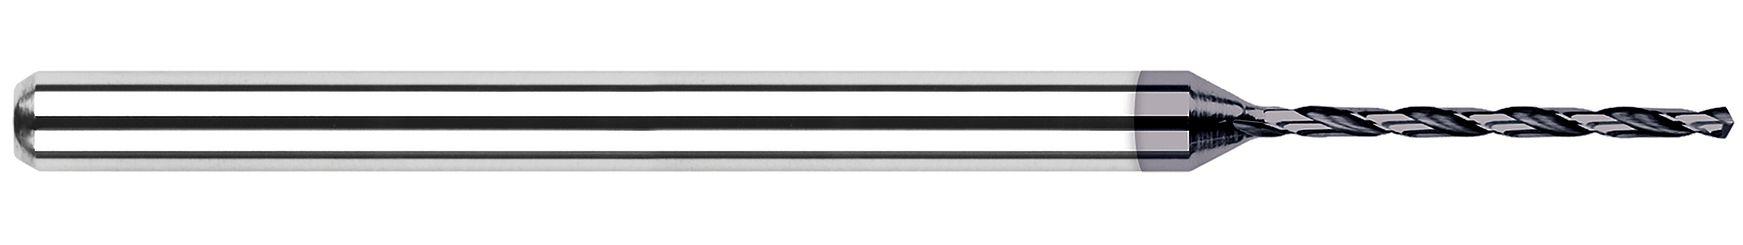 tool-details-20377-C3